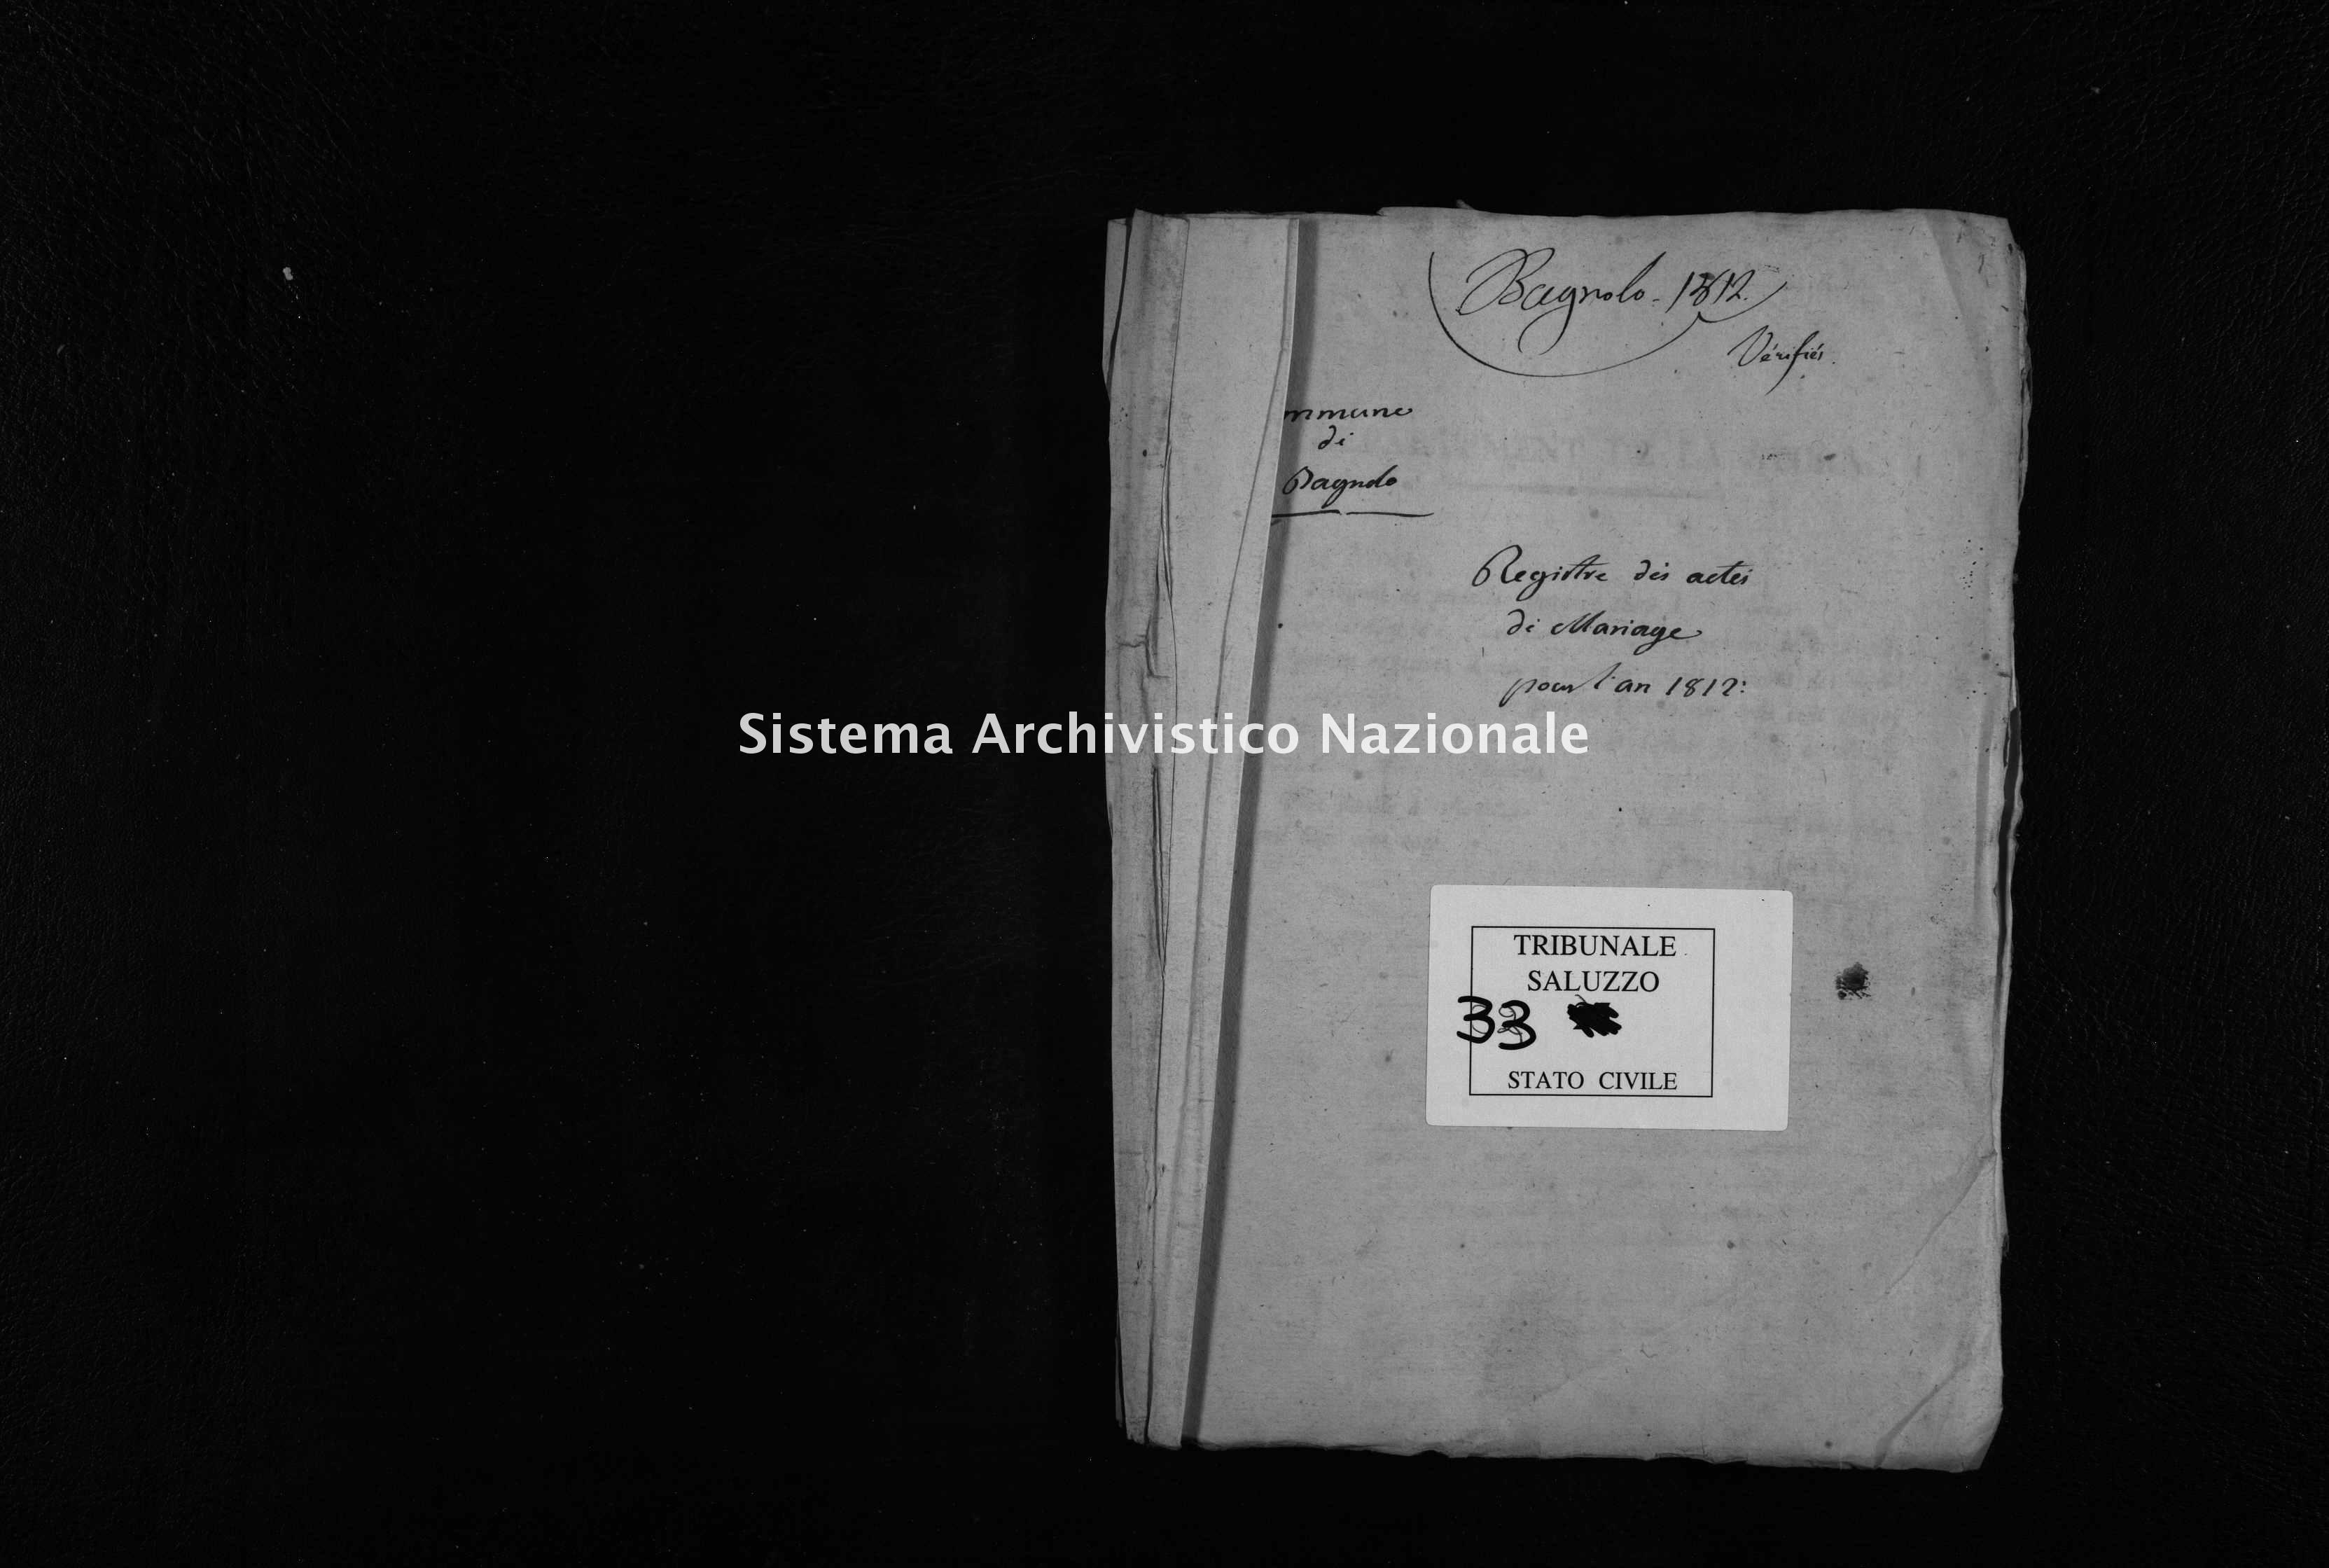 Archivio di stato di Cuneo - Stato civile napoleonico - Bagnolo Piemonte - Matrimoni - 1812 - 33 -